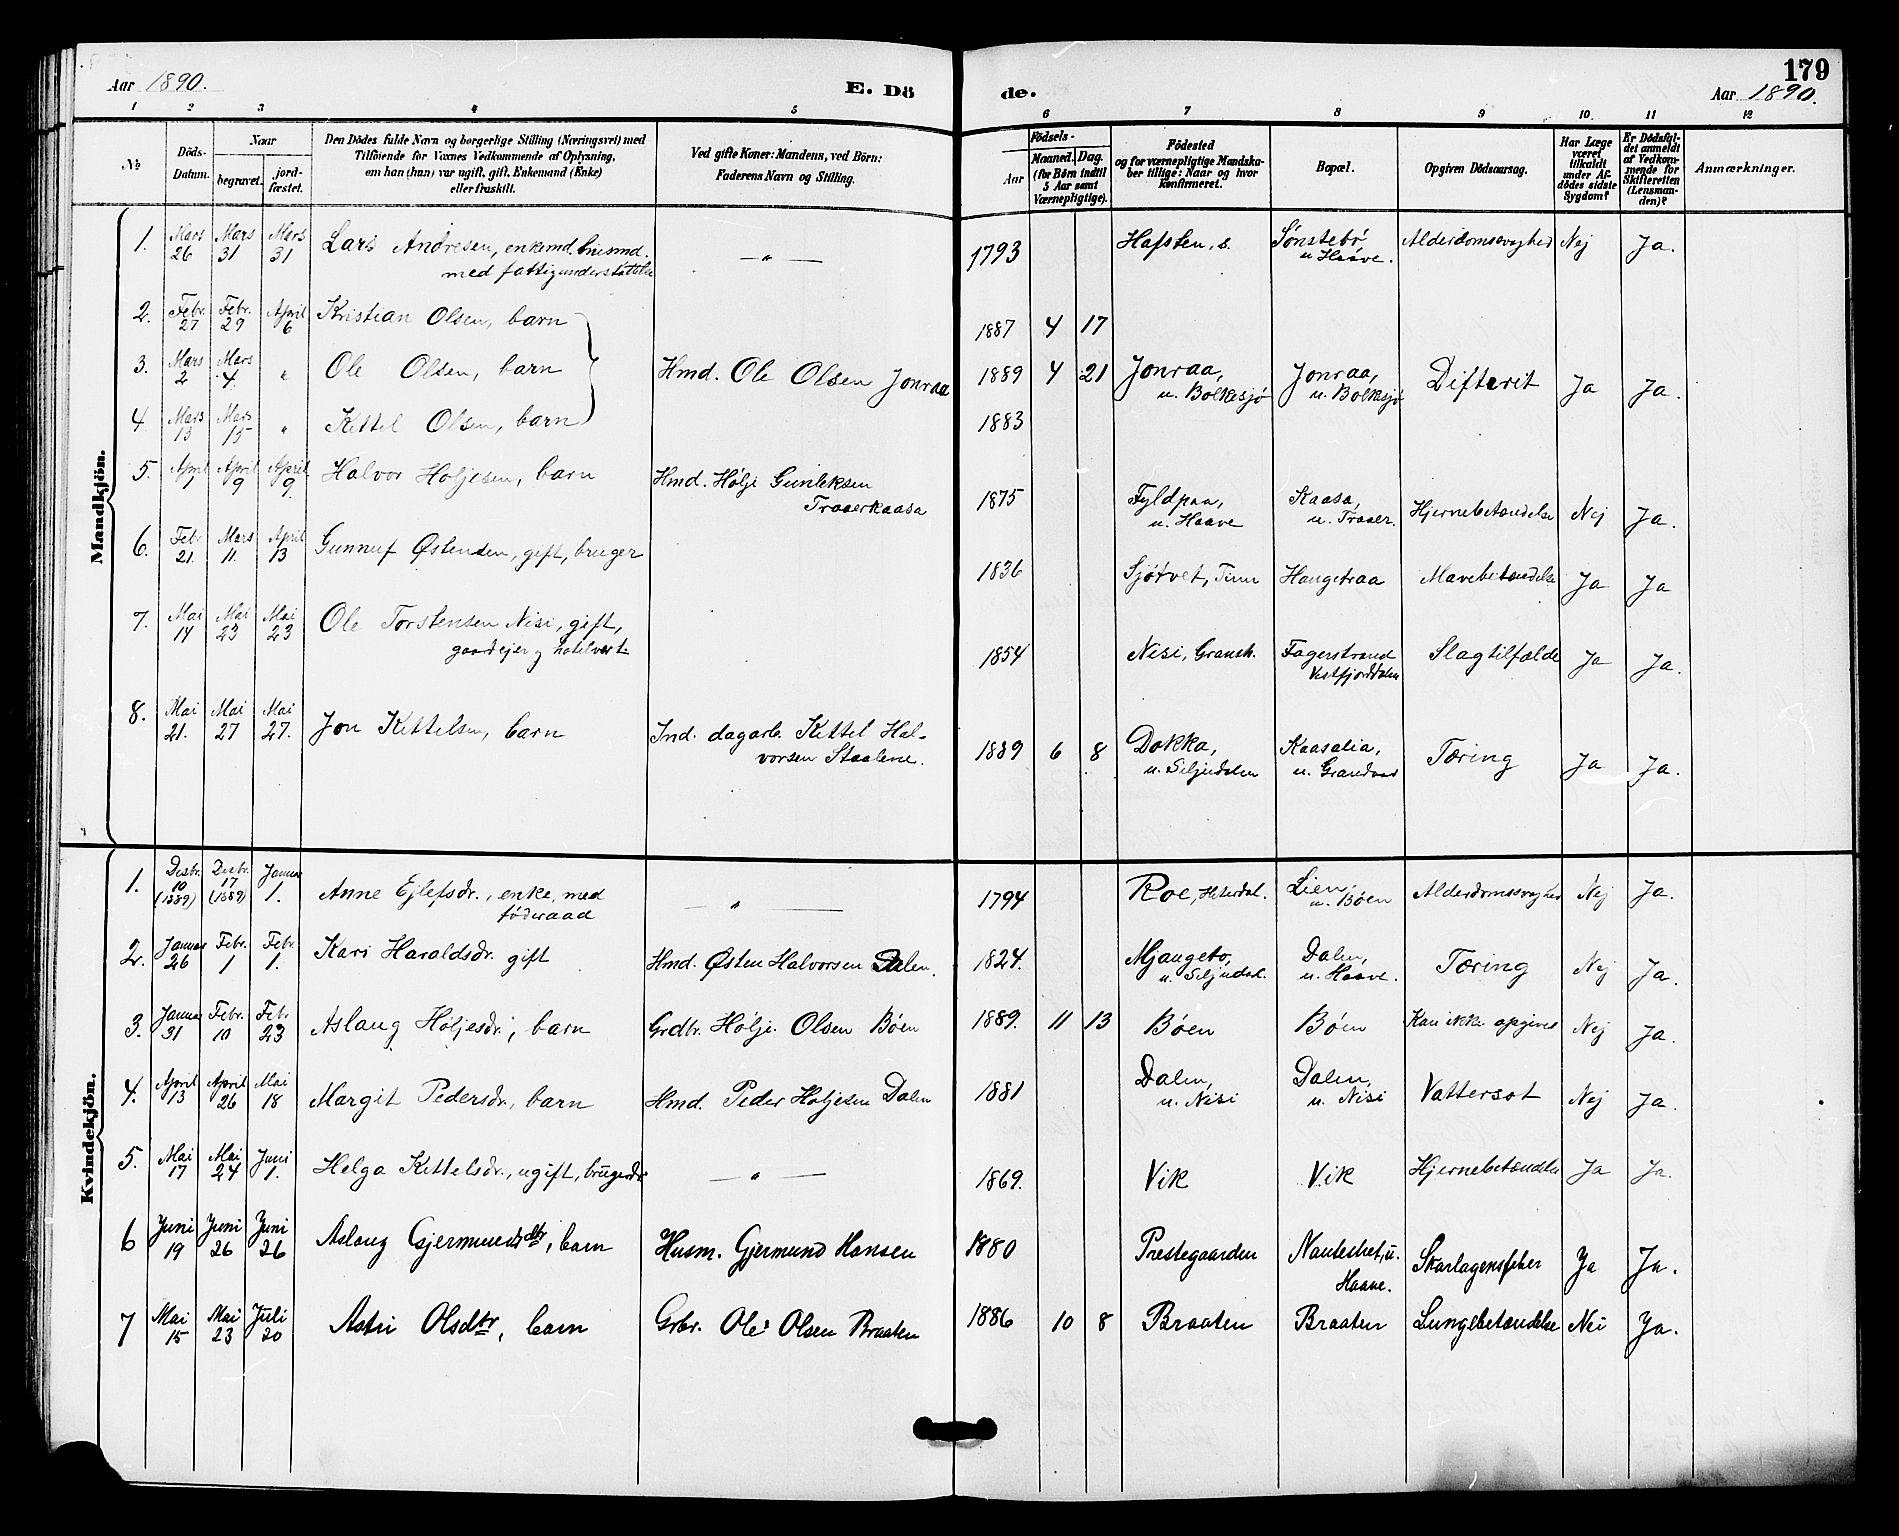 SAKO, Gransherad kirkebøker, G/Ga/L0003: Klokkerbok nr. I 3, 1887-1915, s. 179